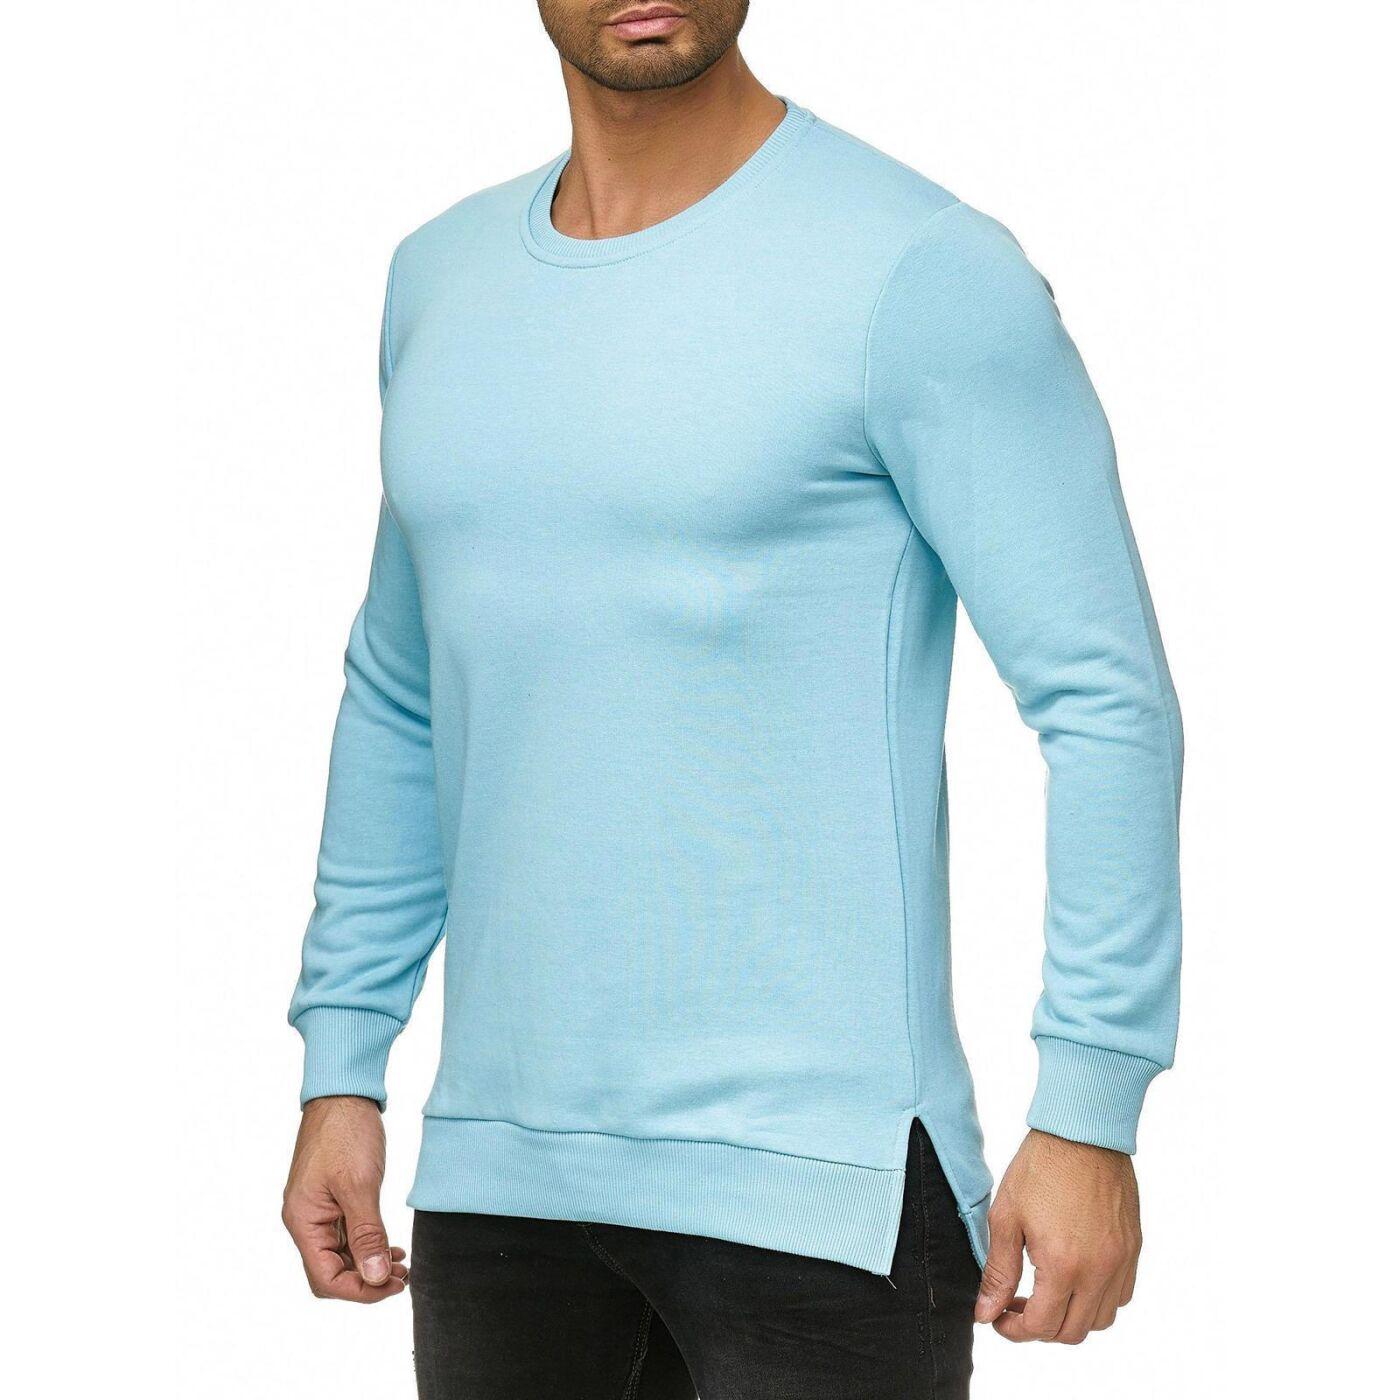 Herren Pullover Herren Pullover Herren Swaetshirt Gebraucht